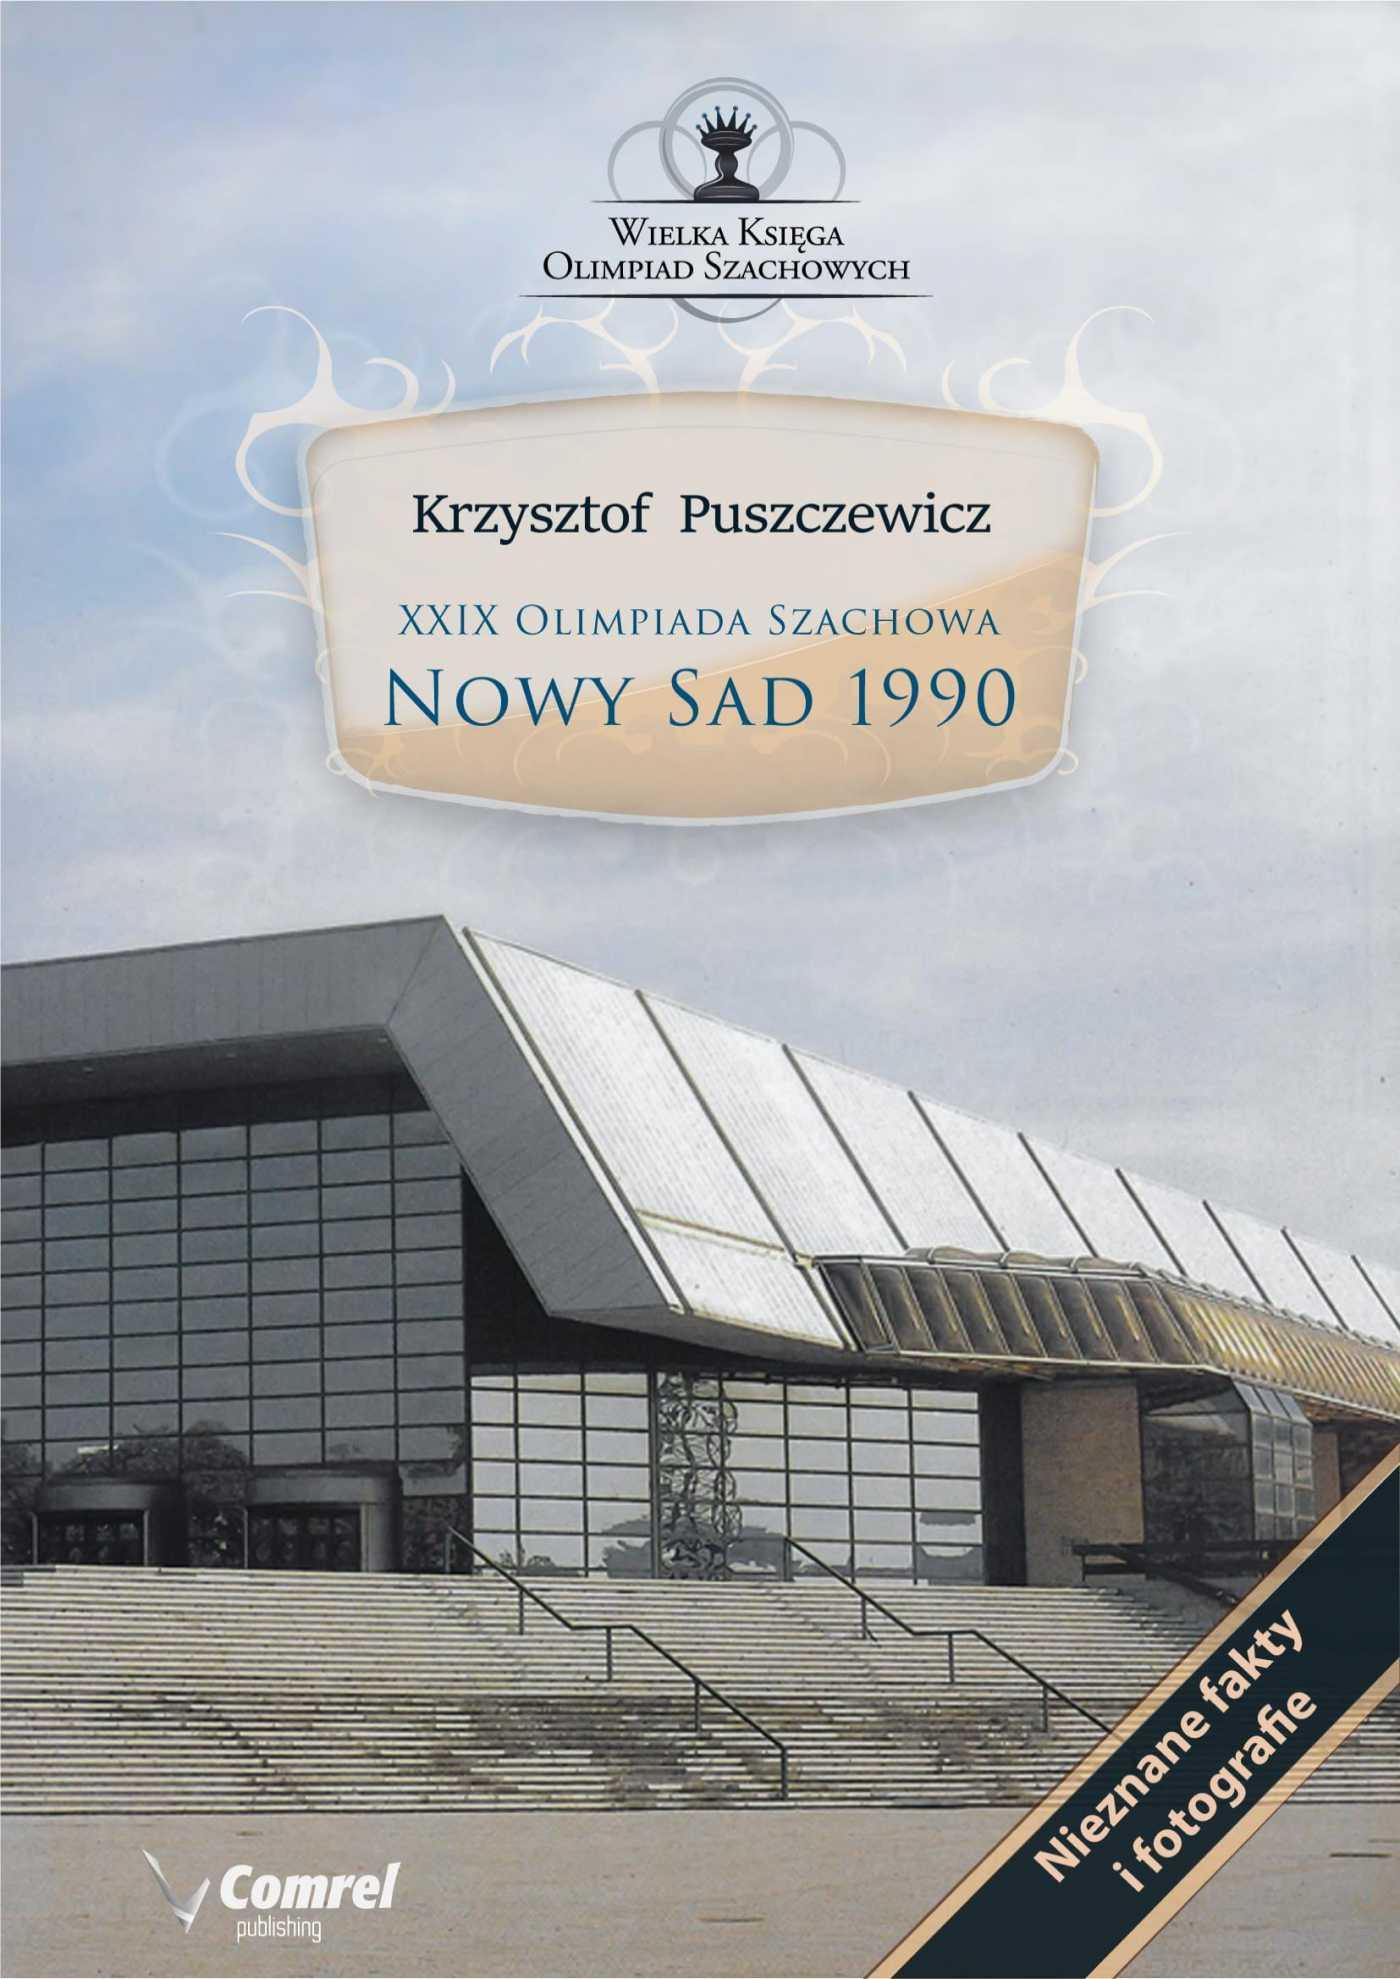 XXIX Olimpiada Szachowa - Nowy Sad 1990 - Ebook (Książka PDF) do pobrania w formacie PDF